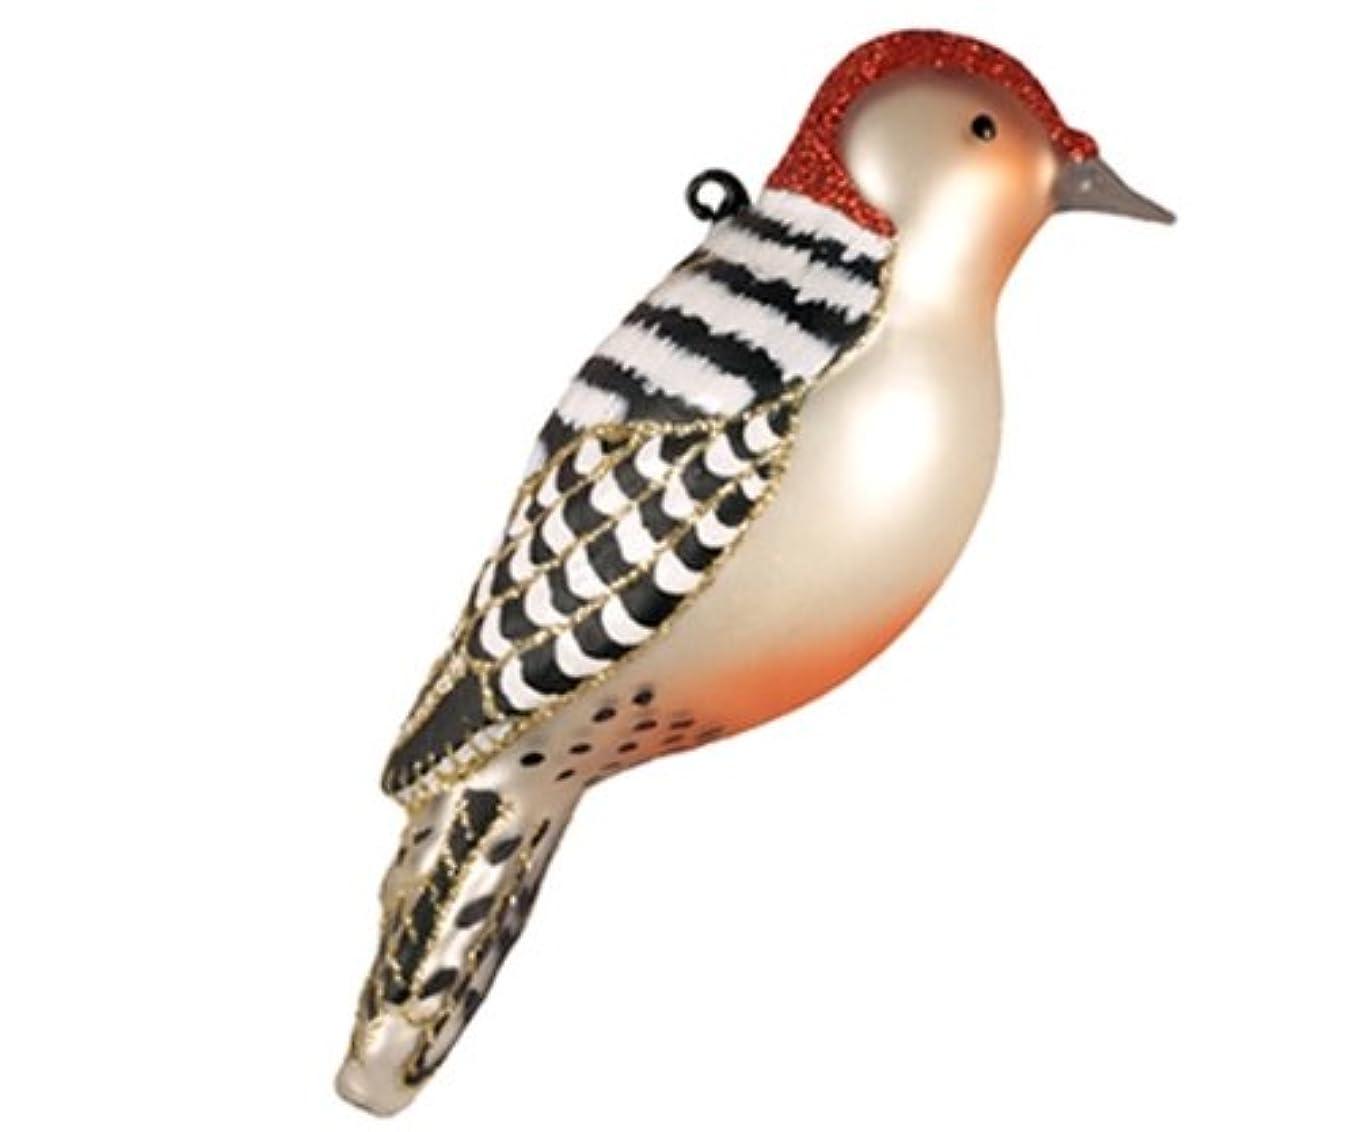 アラブペネロペ地味なCobane Studio COBANEC391 Red Bellied Woodpecker Ornament